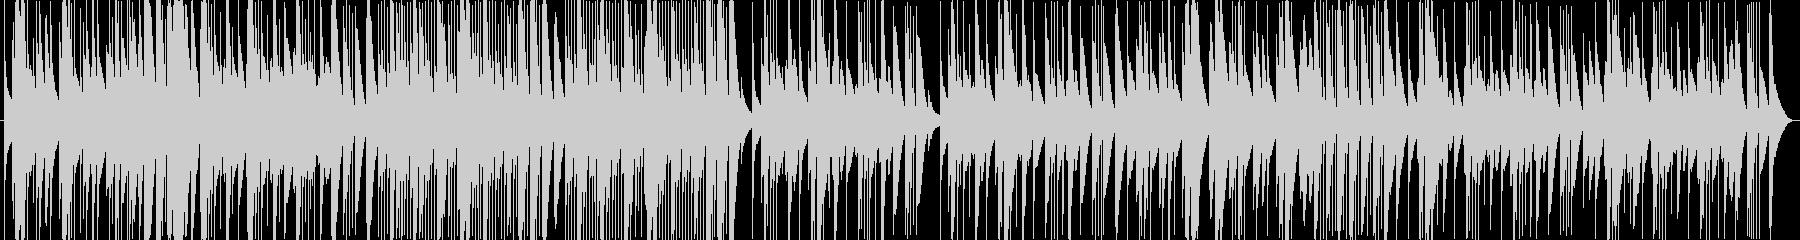 木琴(マリンバ)のとぼけた感じの曲の未再生の波形